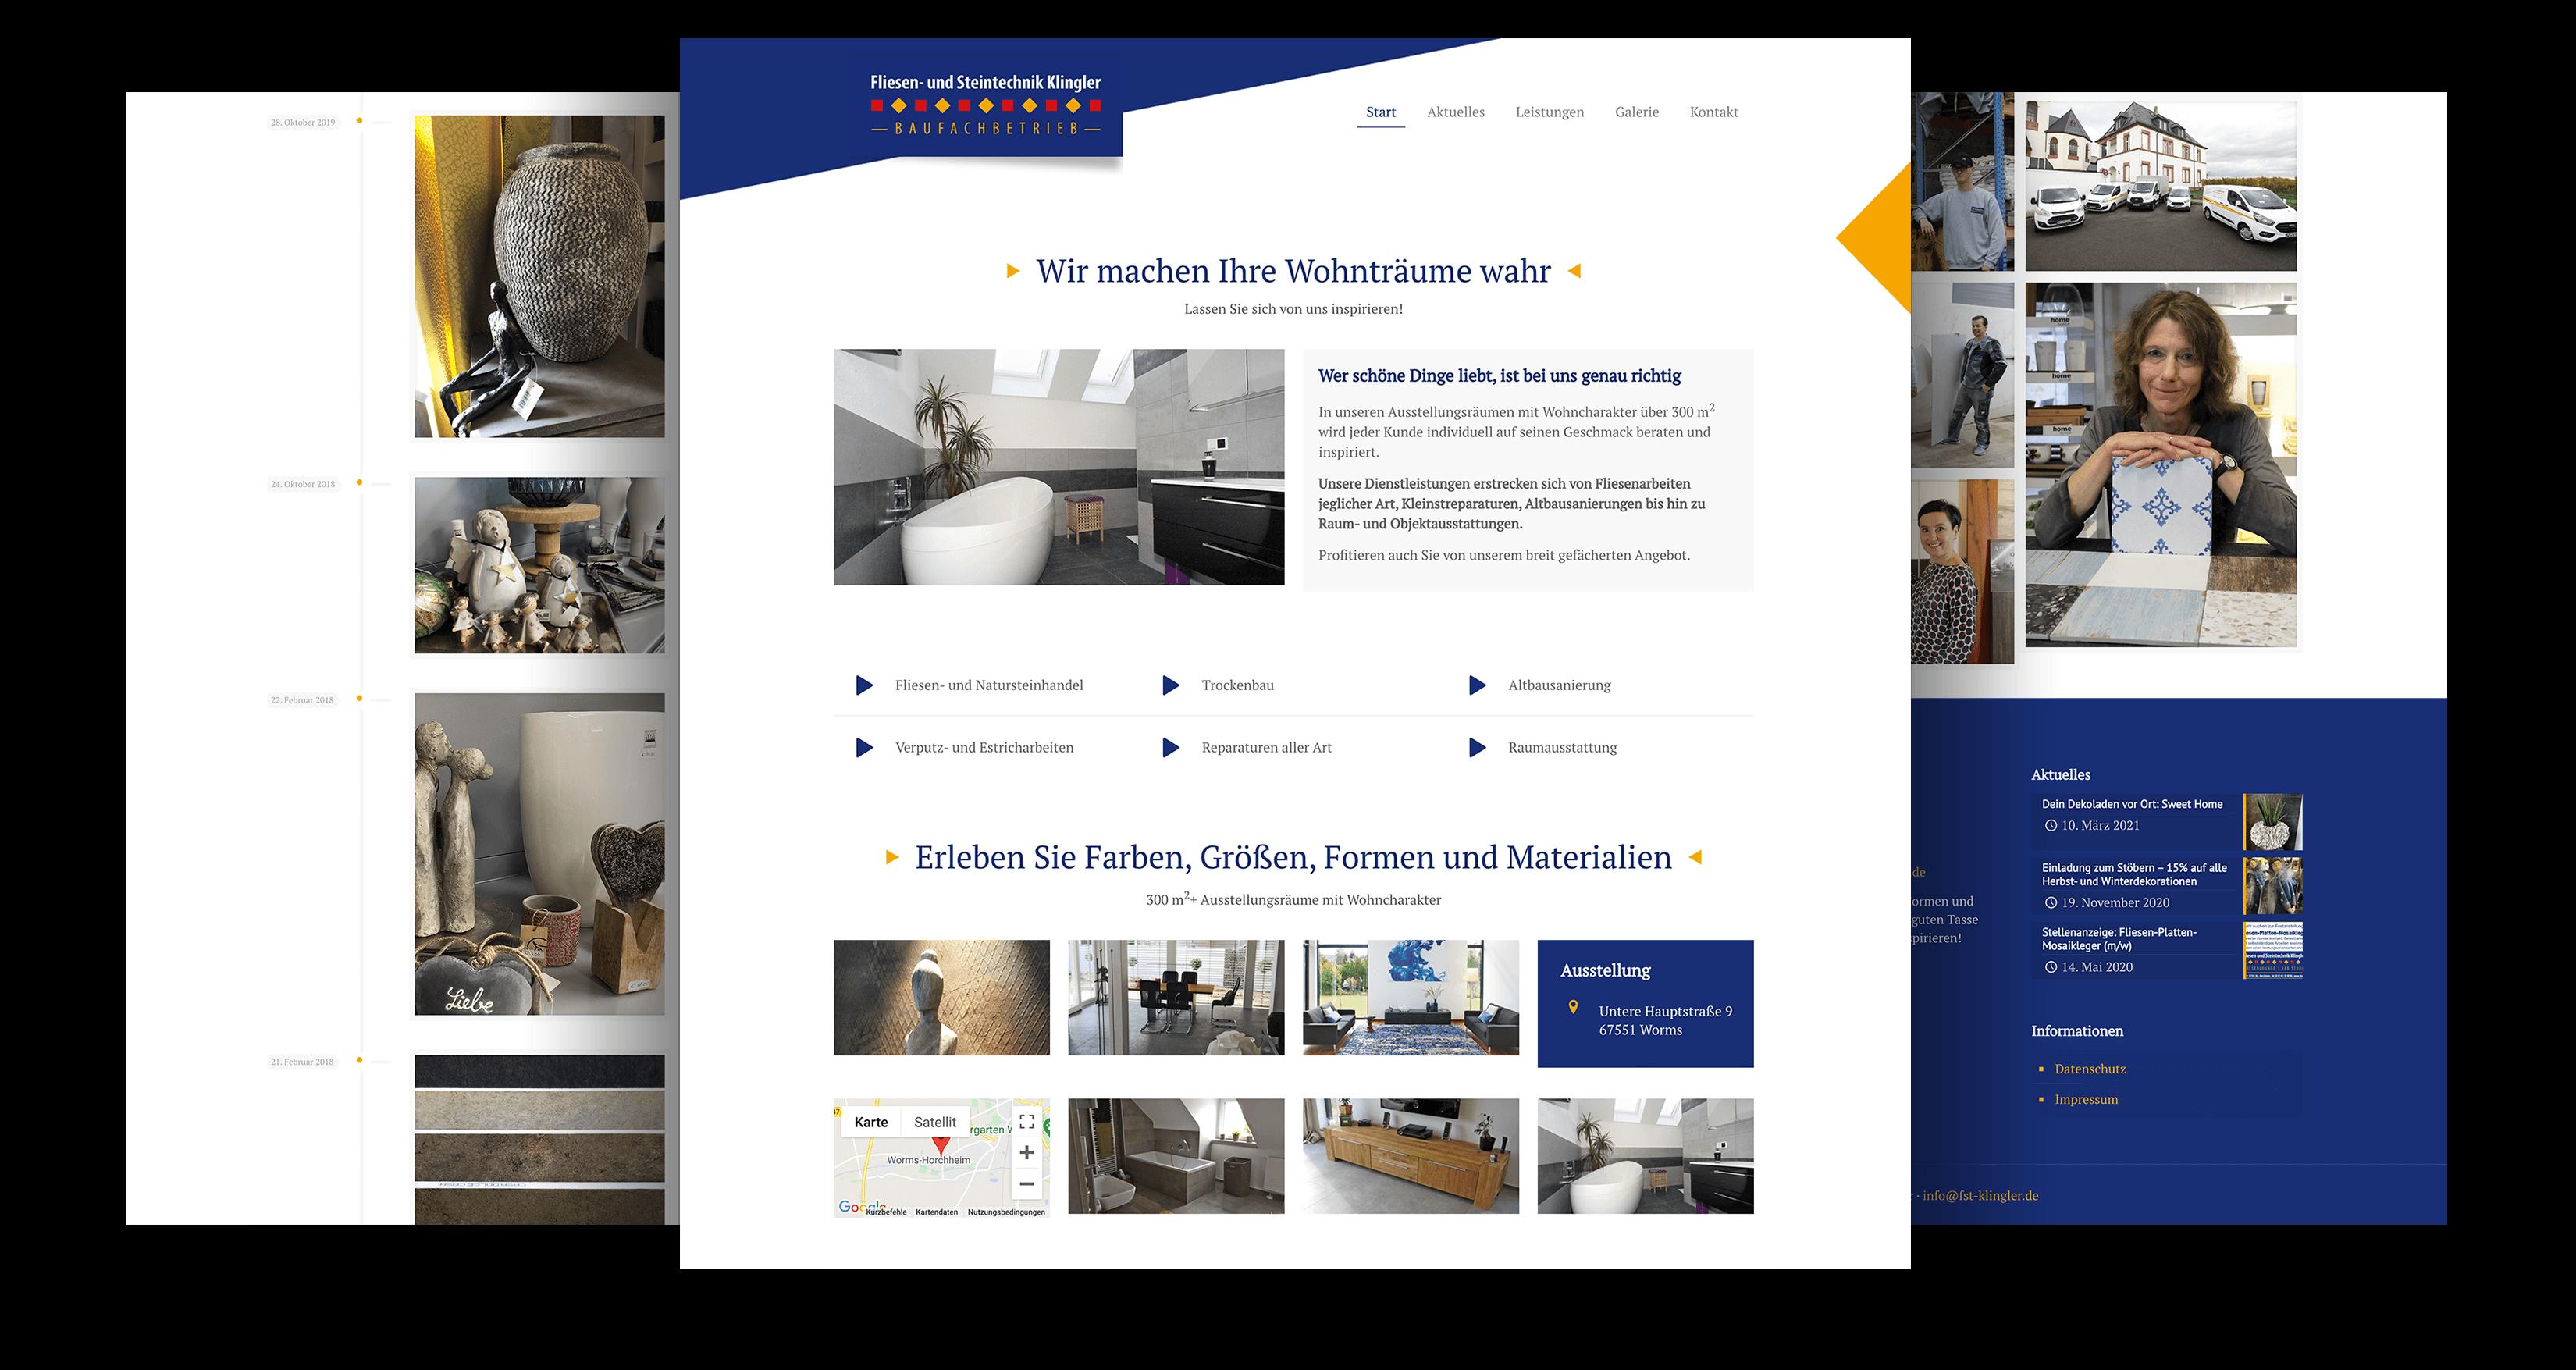 Firmenwebsite erstellen lassen Baufachbetrieb, Webdesigner Worms-Horchheim